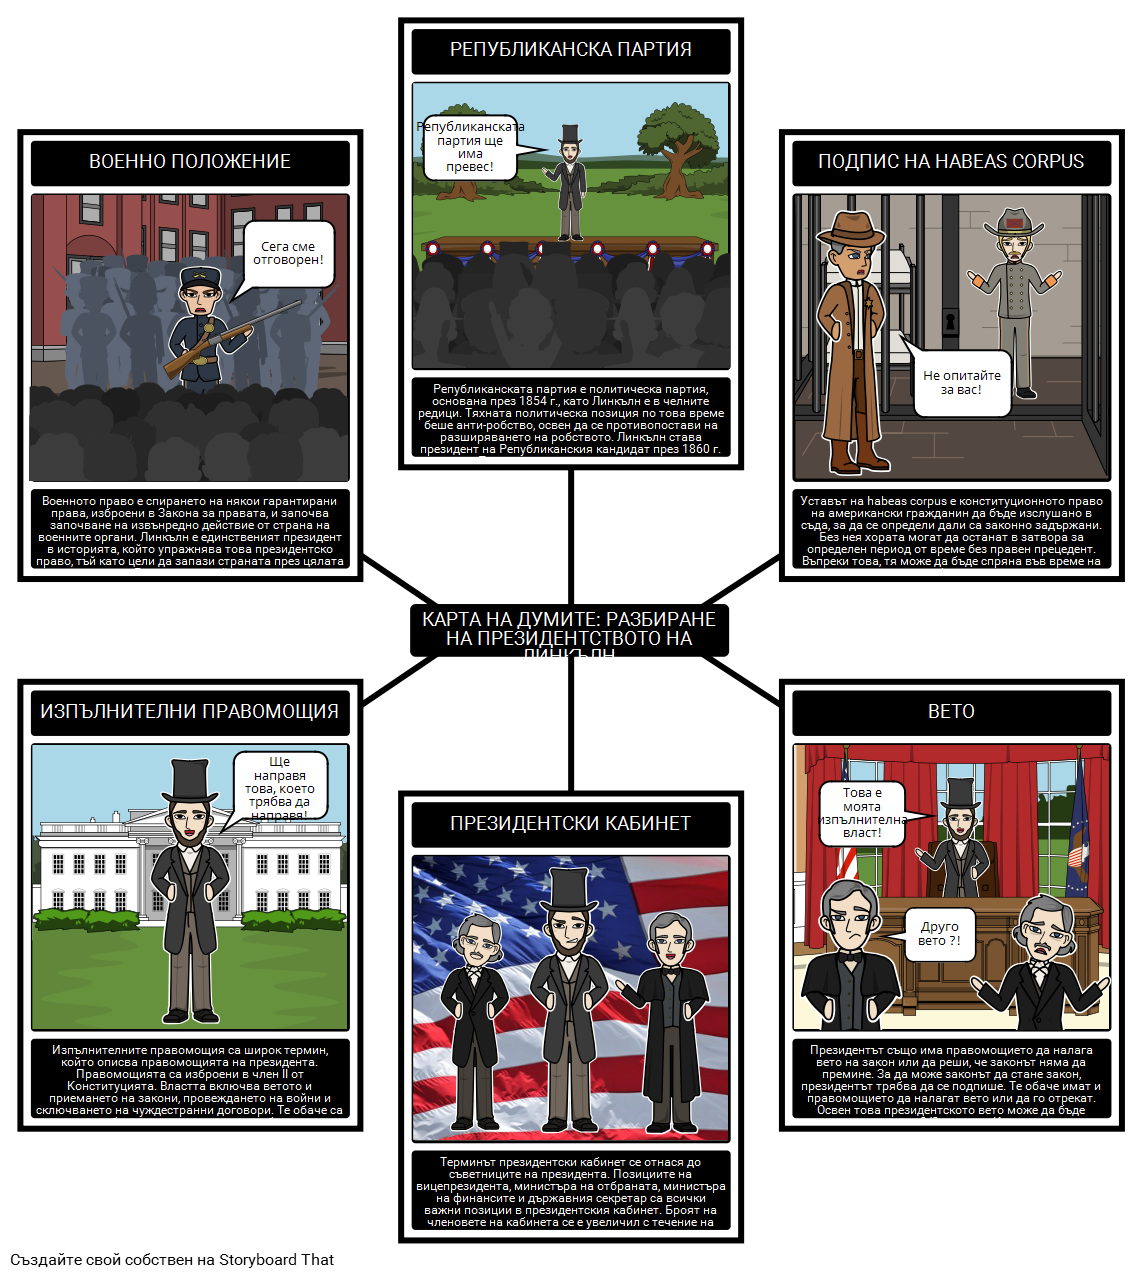 Карта на Думите на Президента на Авраам Линкълн